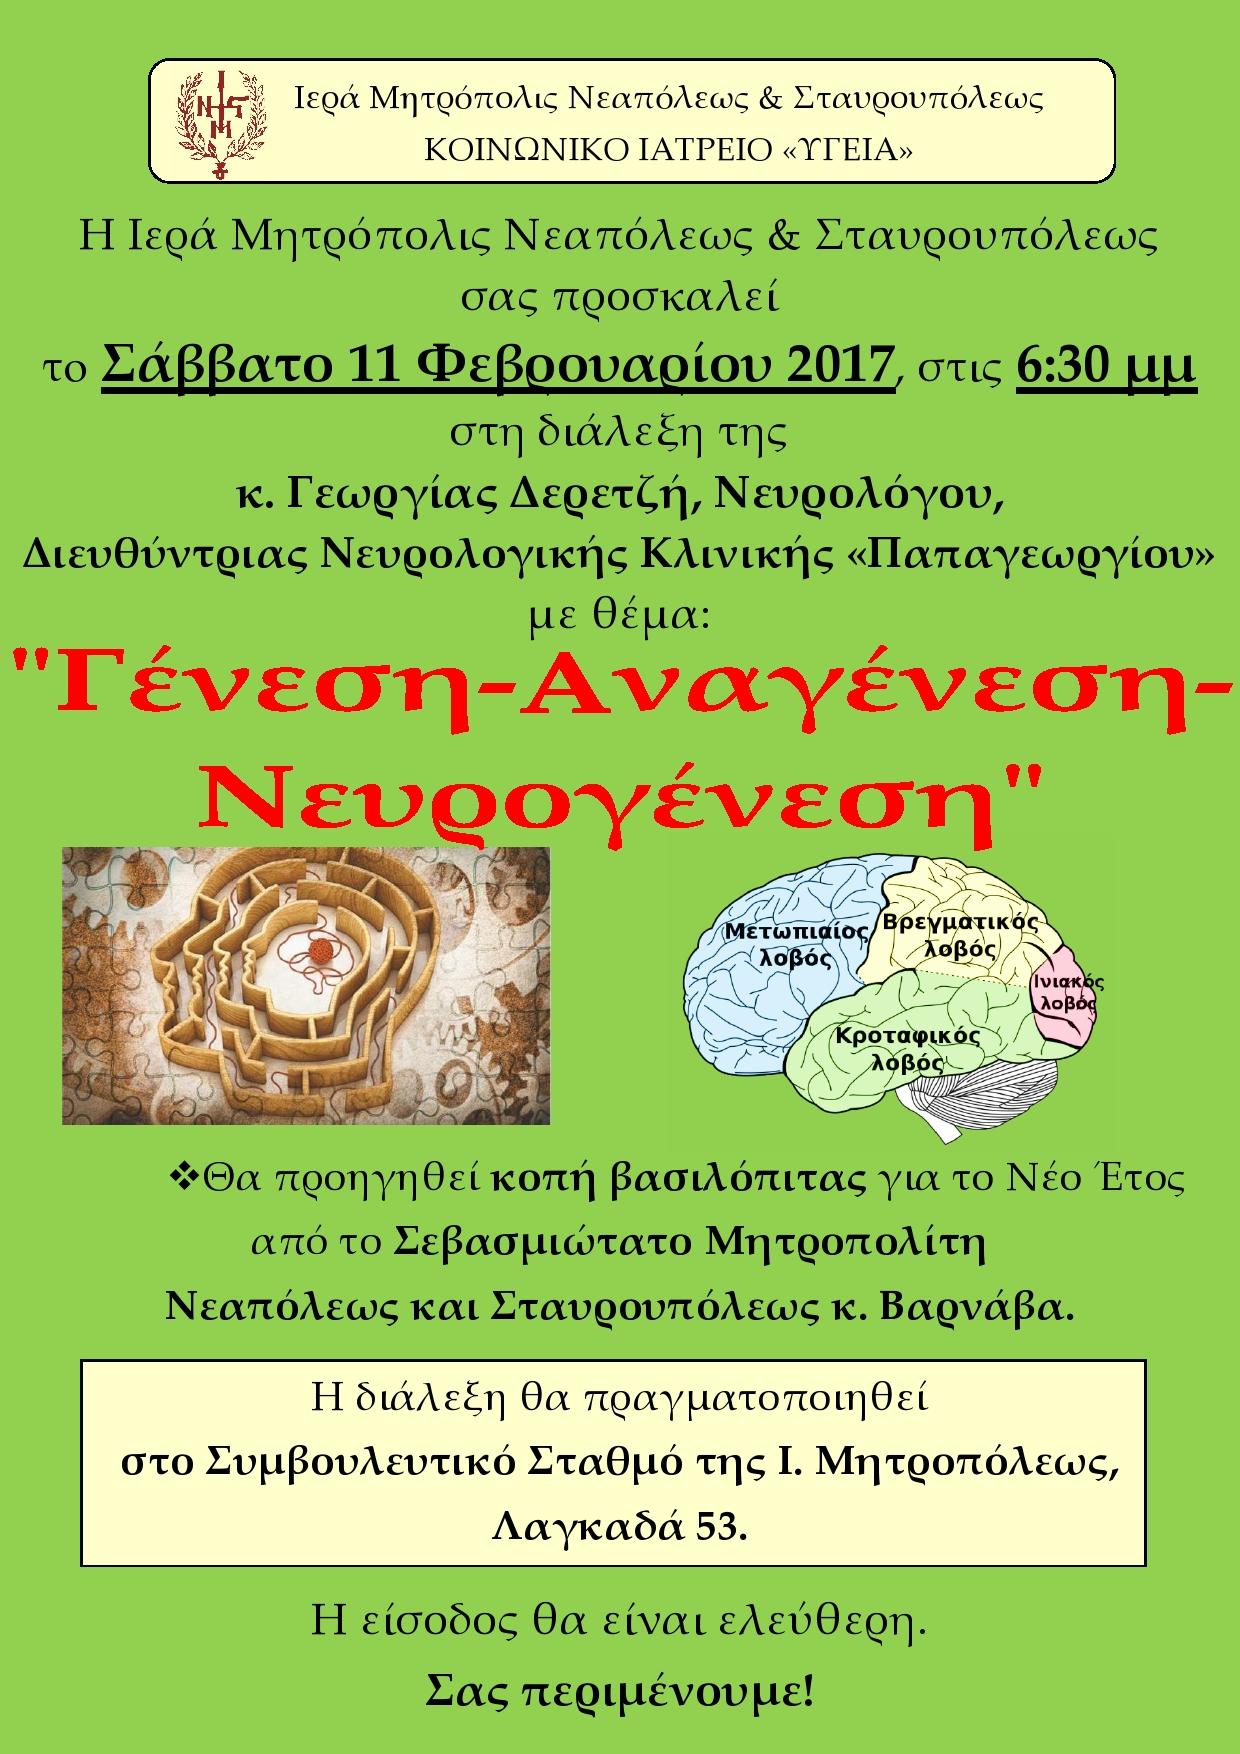 Γένεση - Αναγένεση - Νευρογένεση, Αφίσα, 27-1-2017